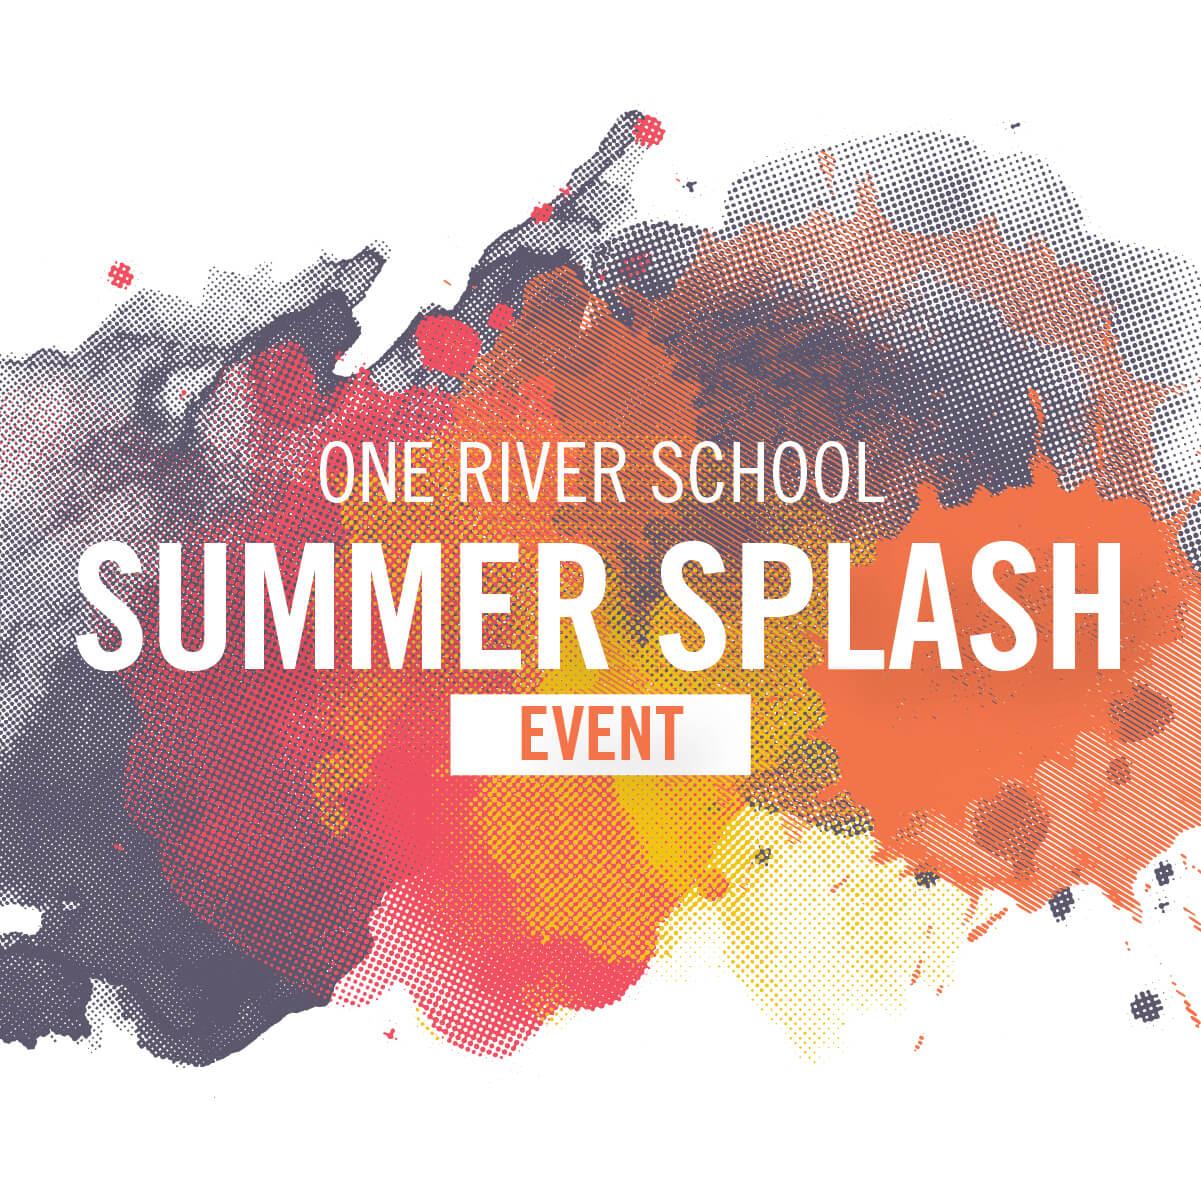 summer splash_event_2020-01